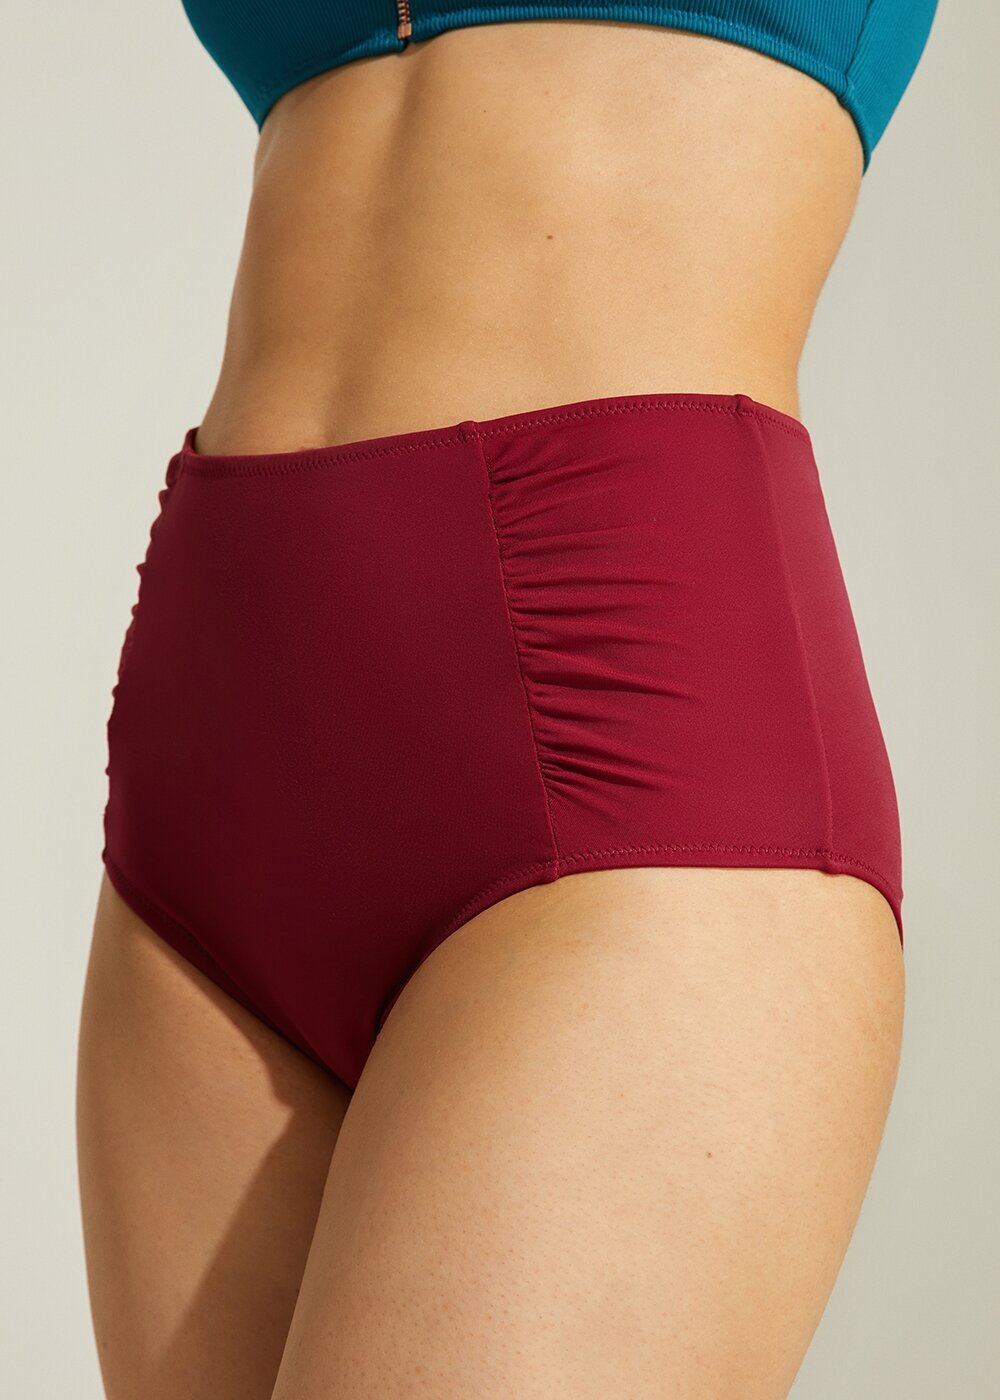 resm Yanı Pileli Yüksek Bel Bikini Alt - BORDO